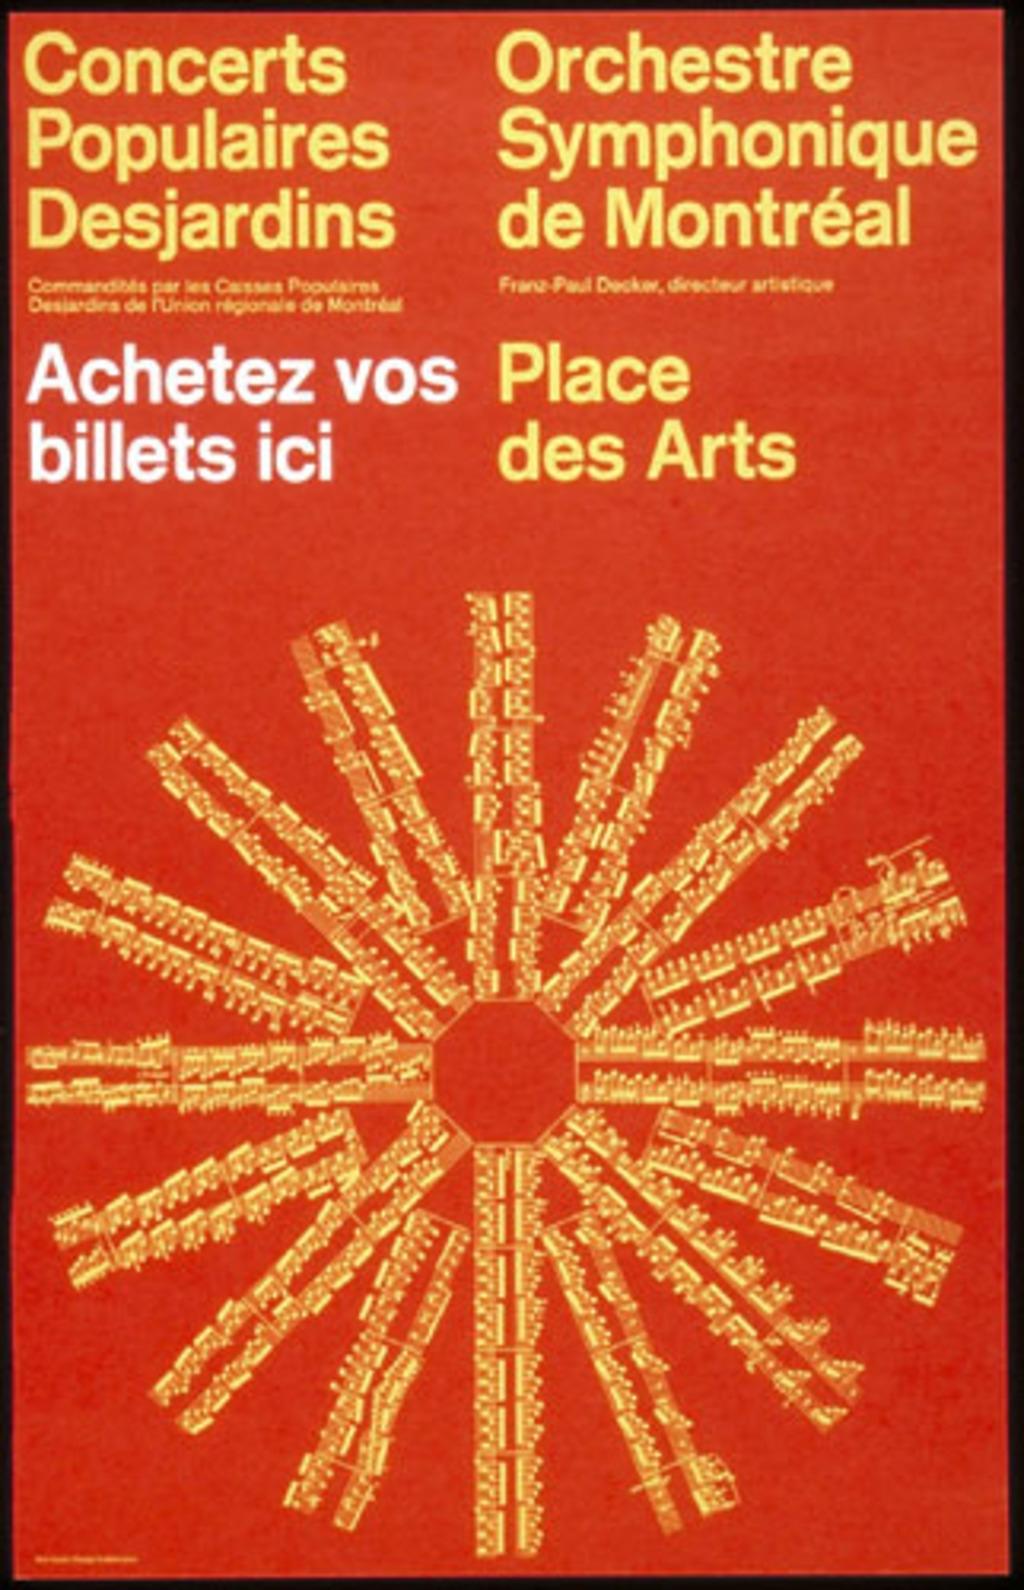 Orchestre symphonique de Montréal. Place des Arts